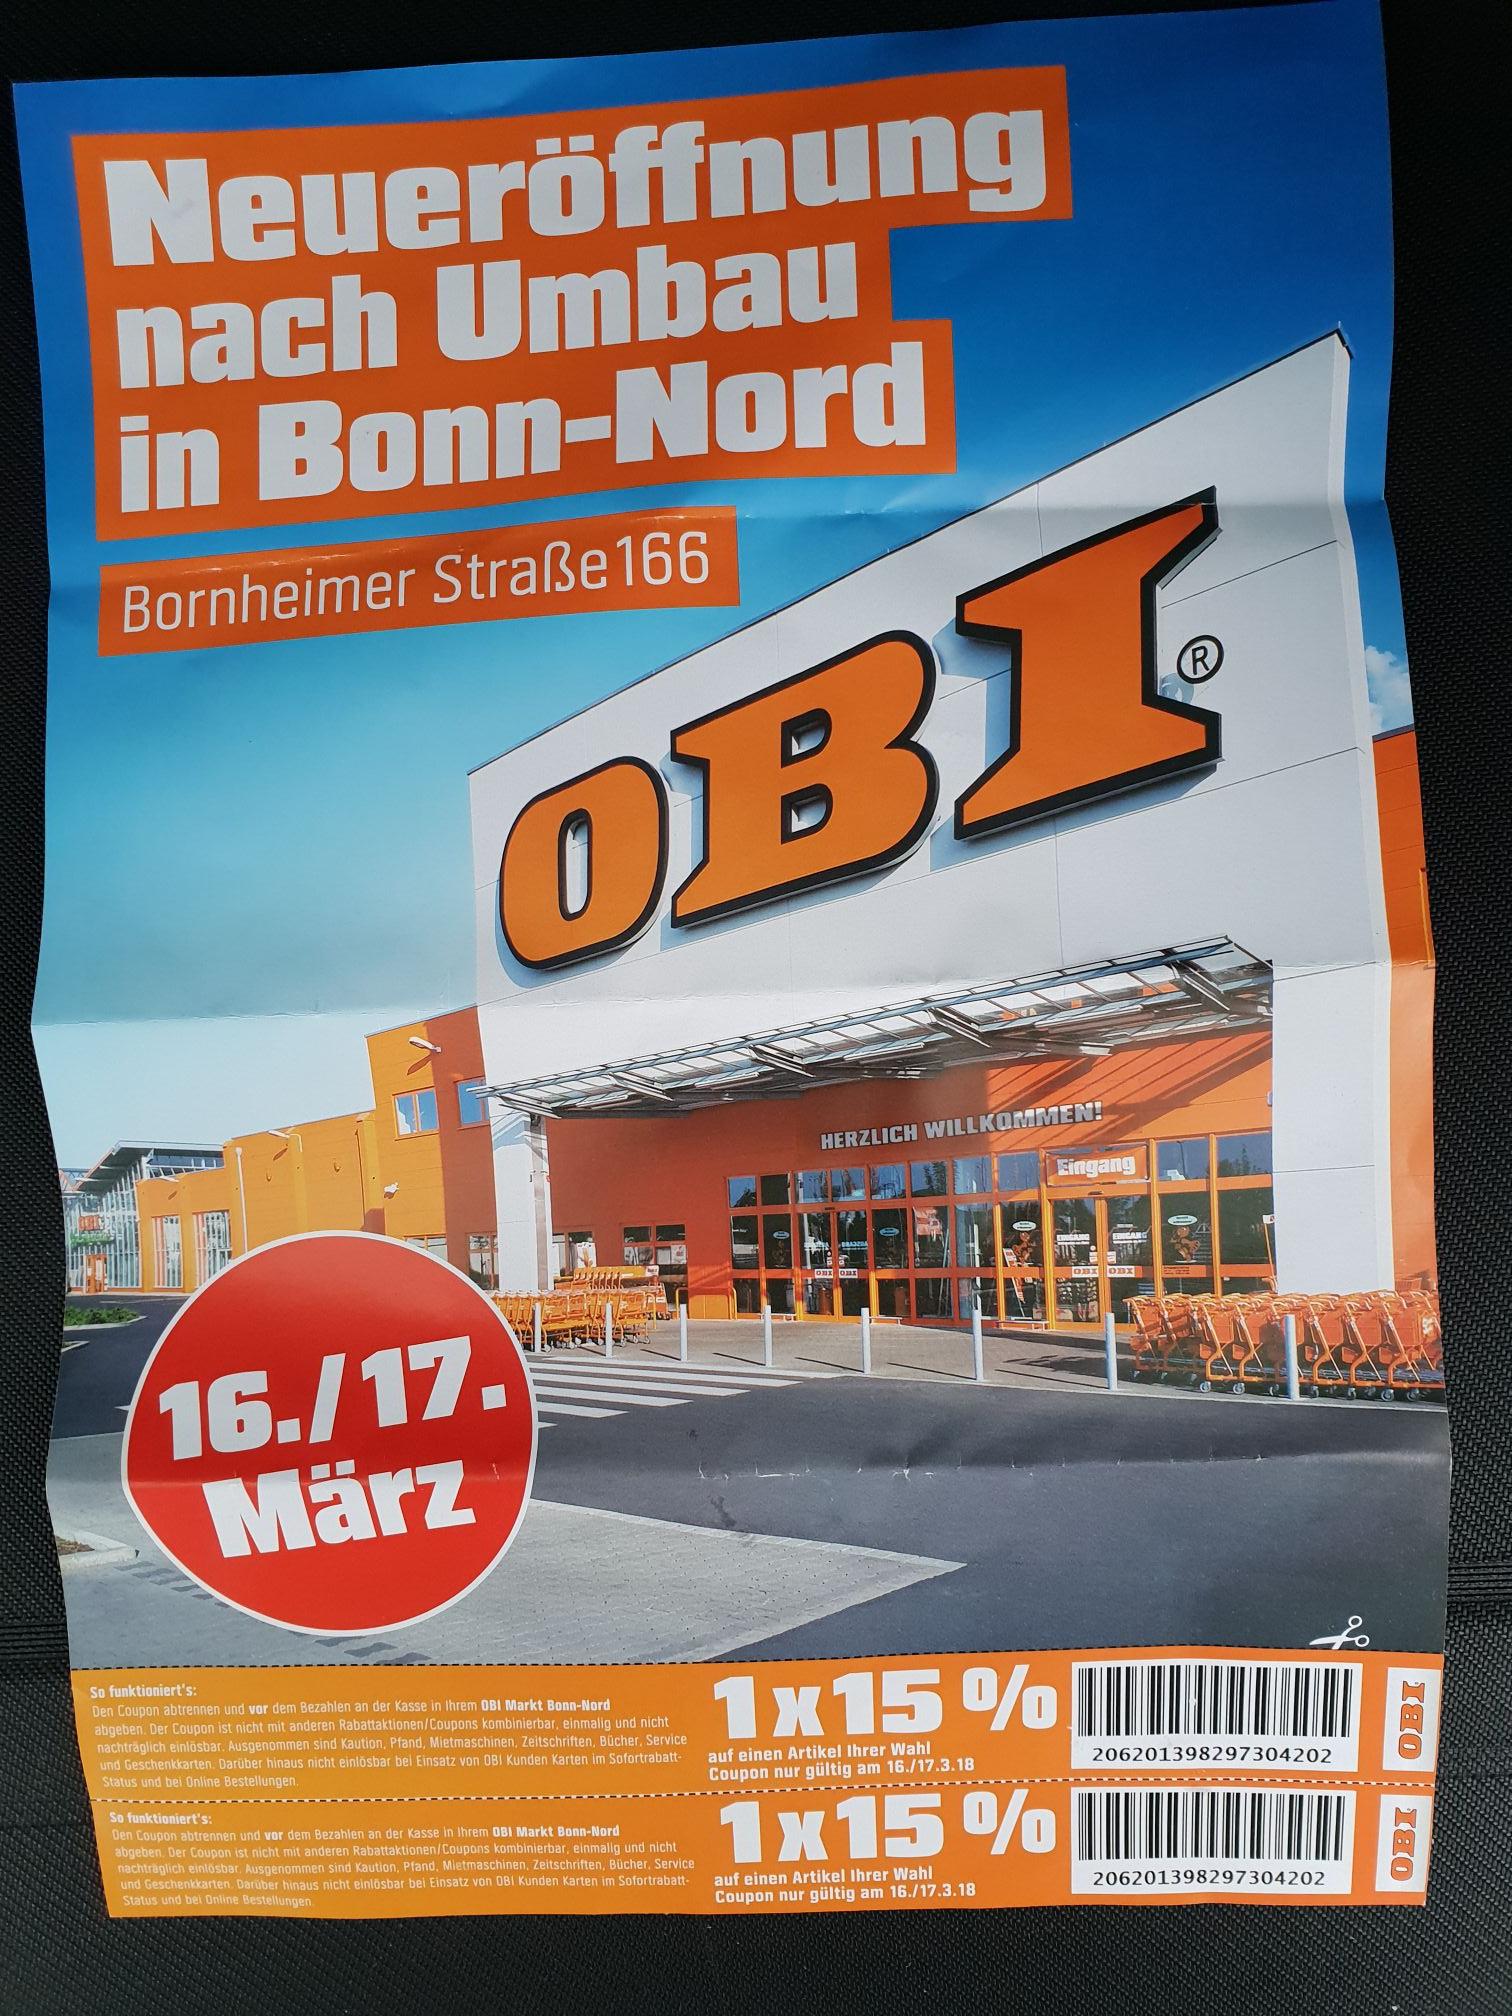 [Lokal]: OBI Bonn-Nord 15% Rabatt (auf 2 Artikel) + gratis Eimer